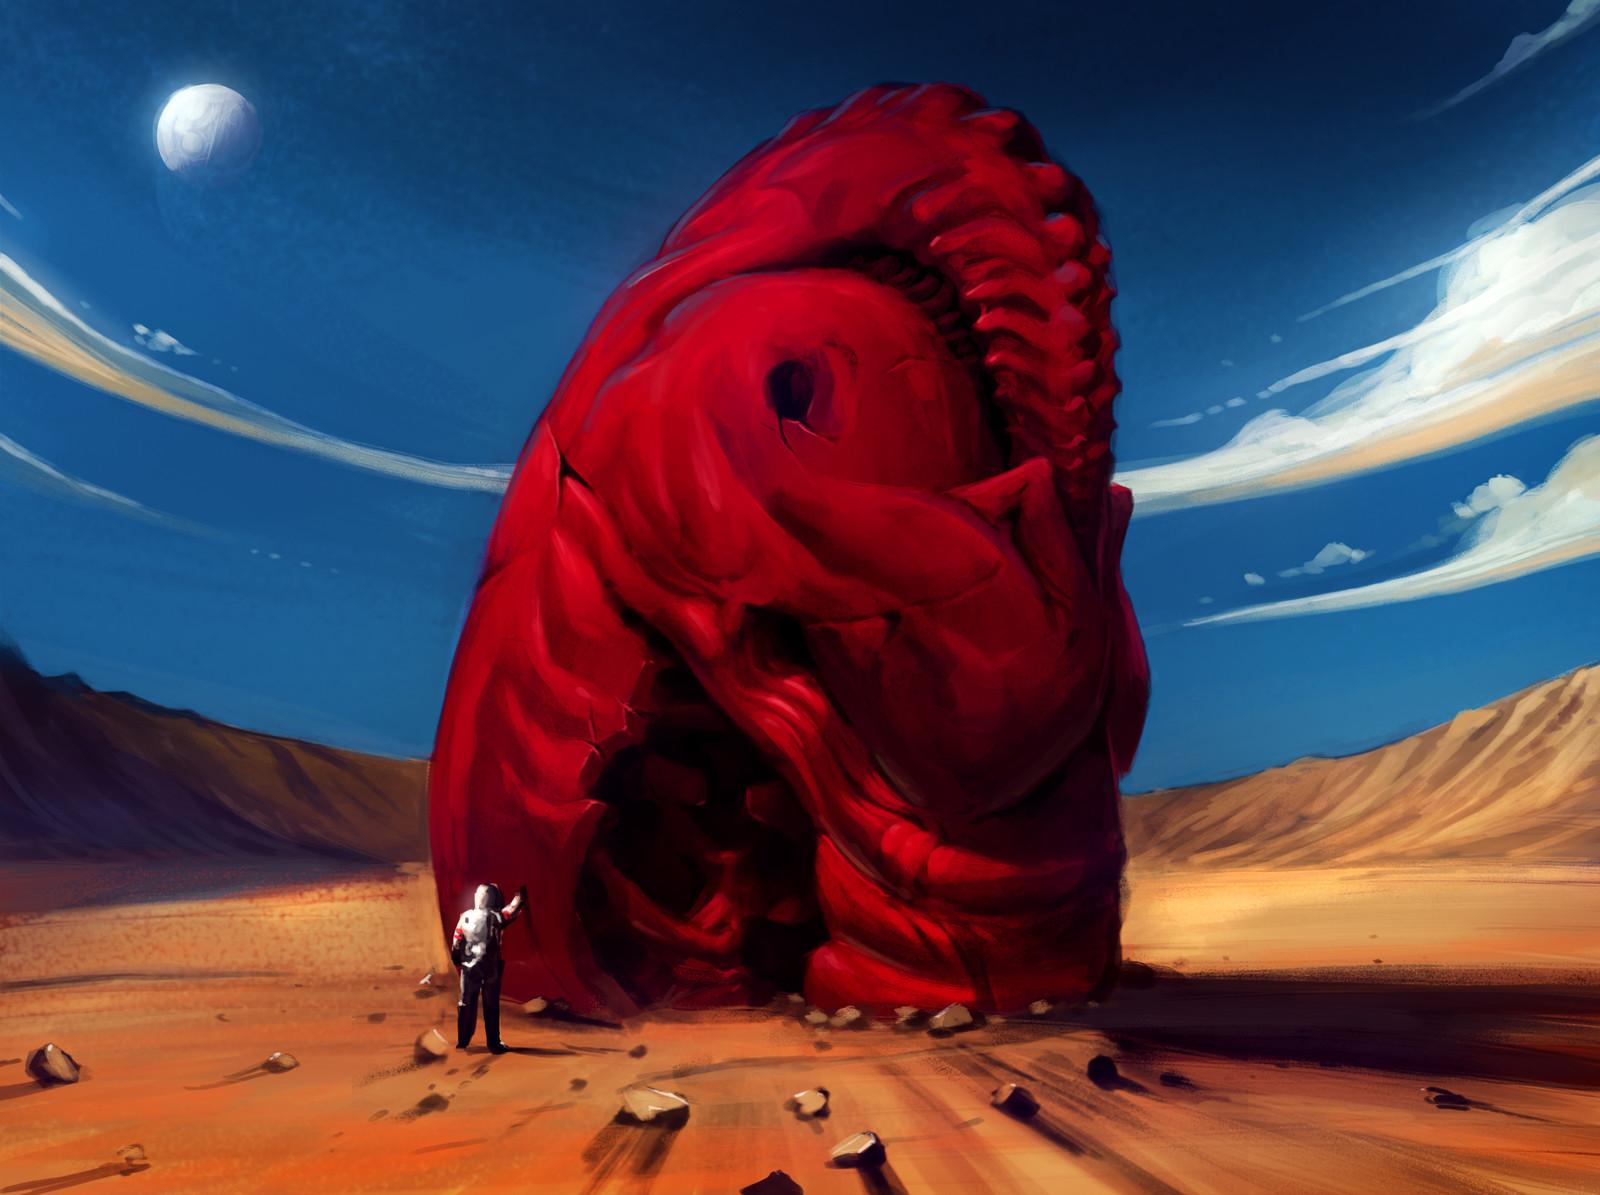 Kaiju space egg